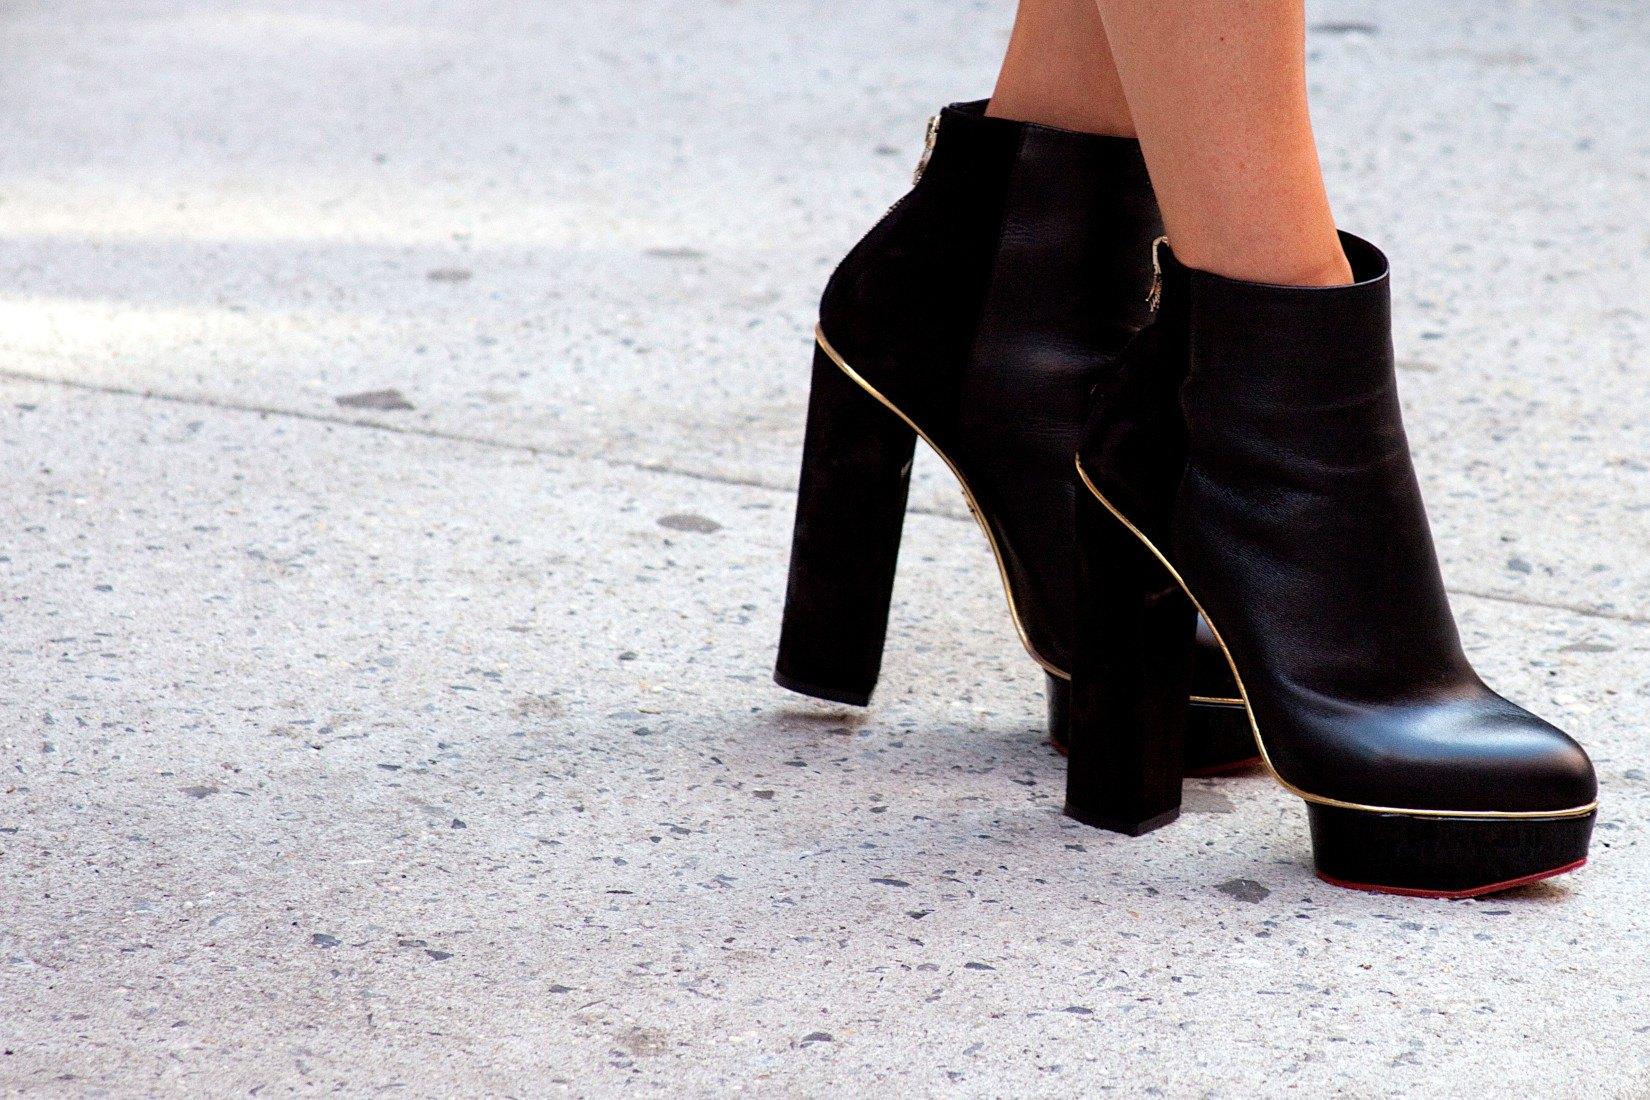 Chaussures à plateformes: 6 modèles inspirants